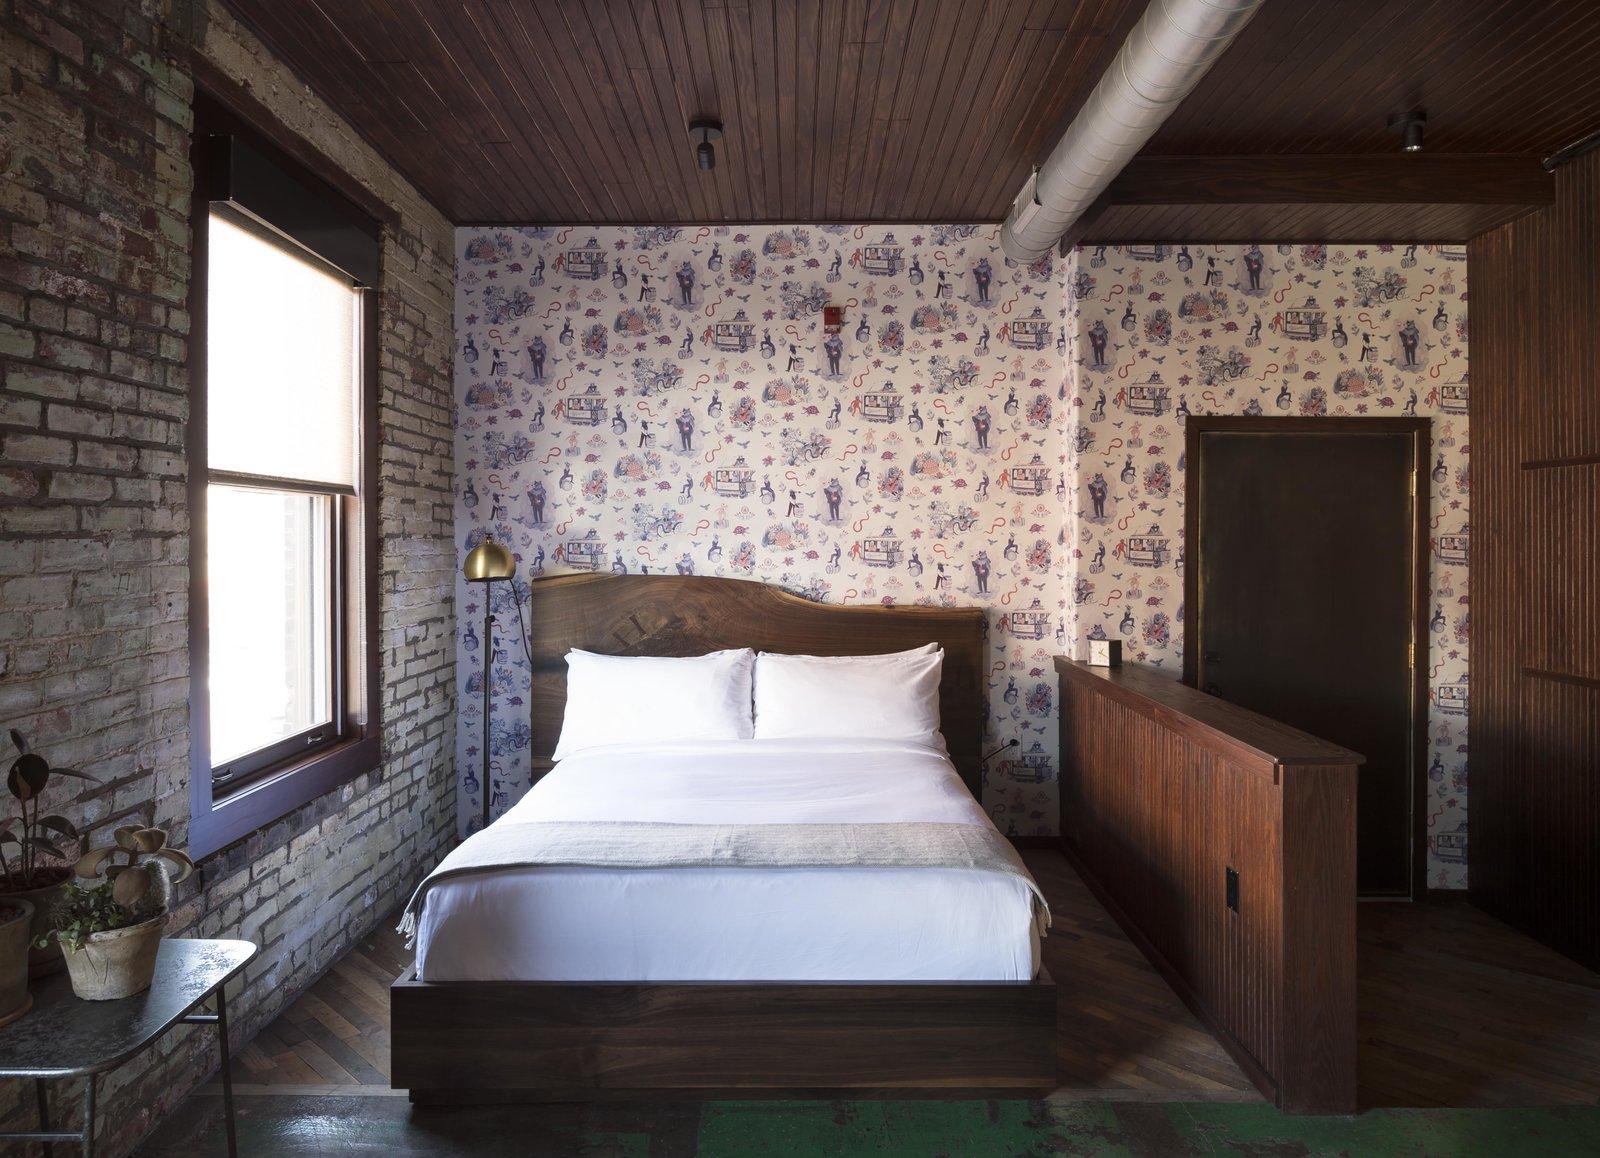 Bedroom, Bed, Medium Hardwood Floor, Floor Lighting, and Lamps  Mulherin's Hotel